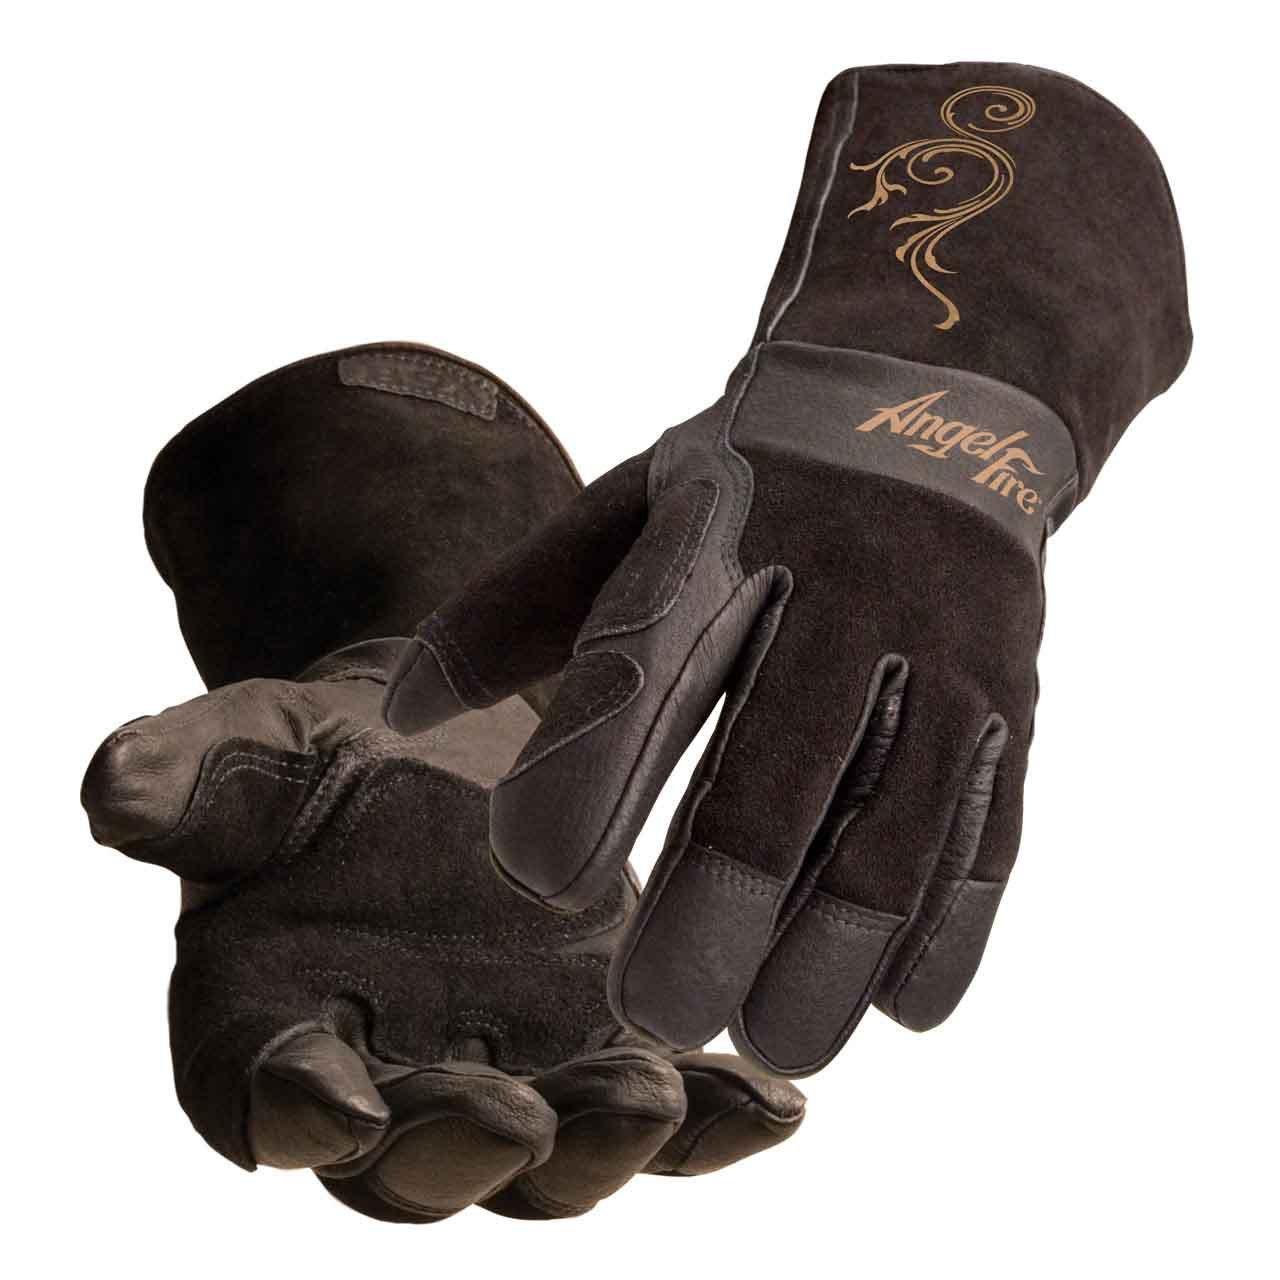 BSX® AngelFire® Women's Stick/MIG Welding Gloves - Black with Flourish by Black Stallion